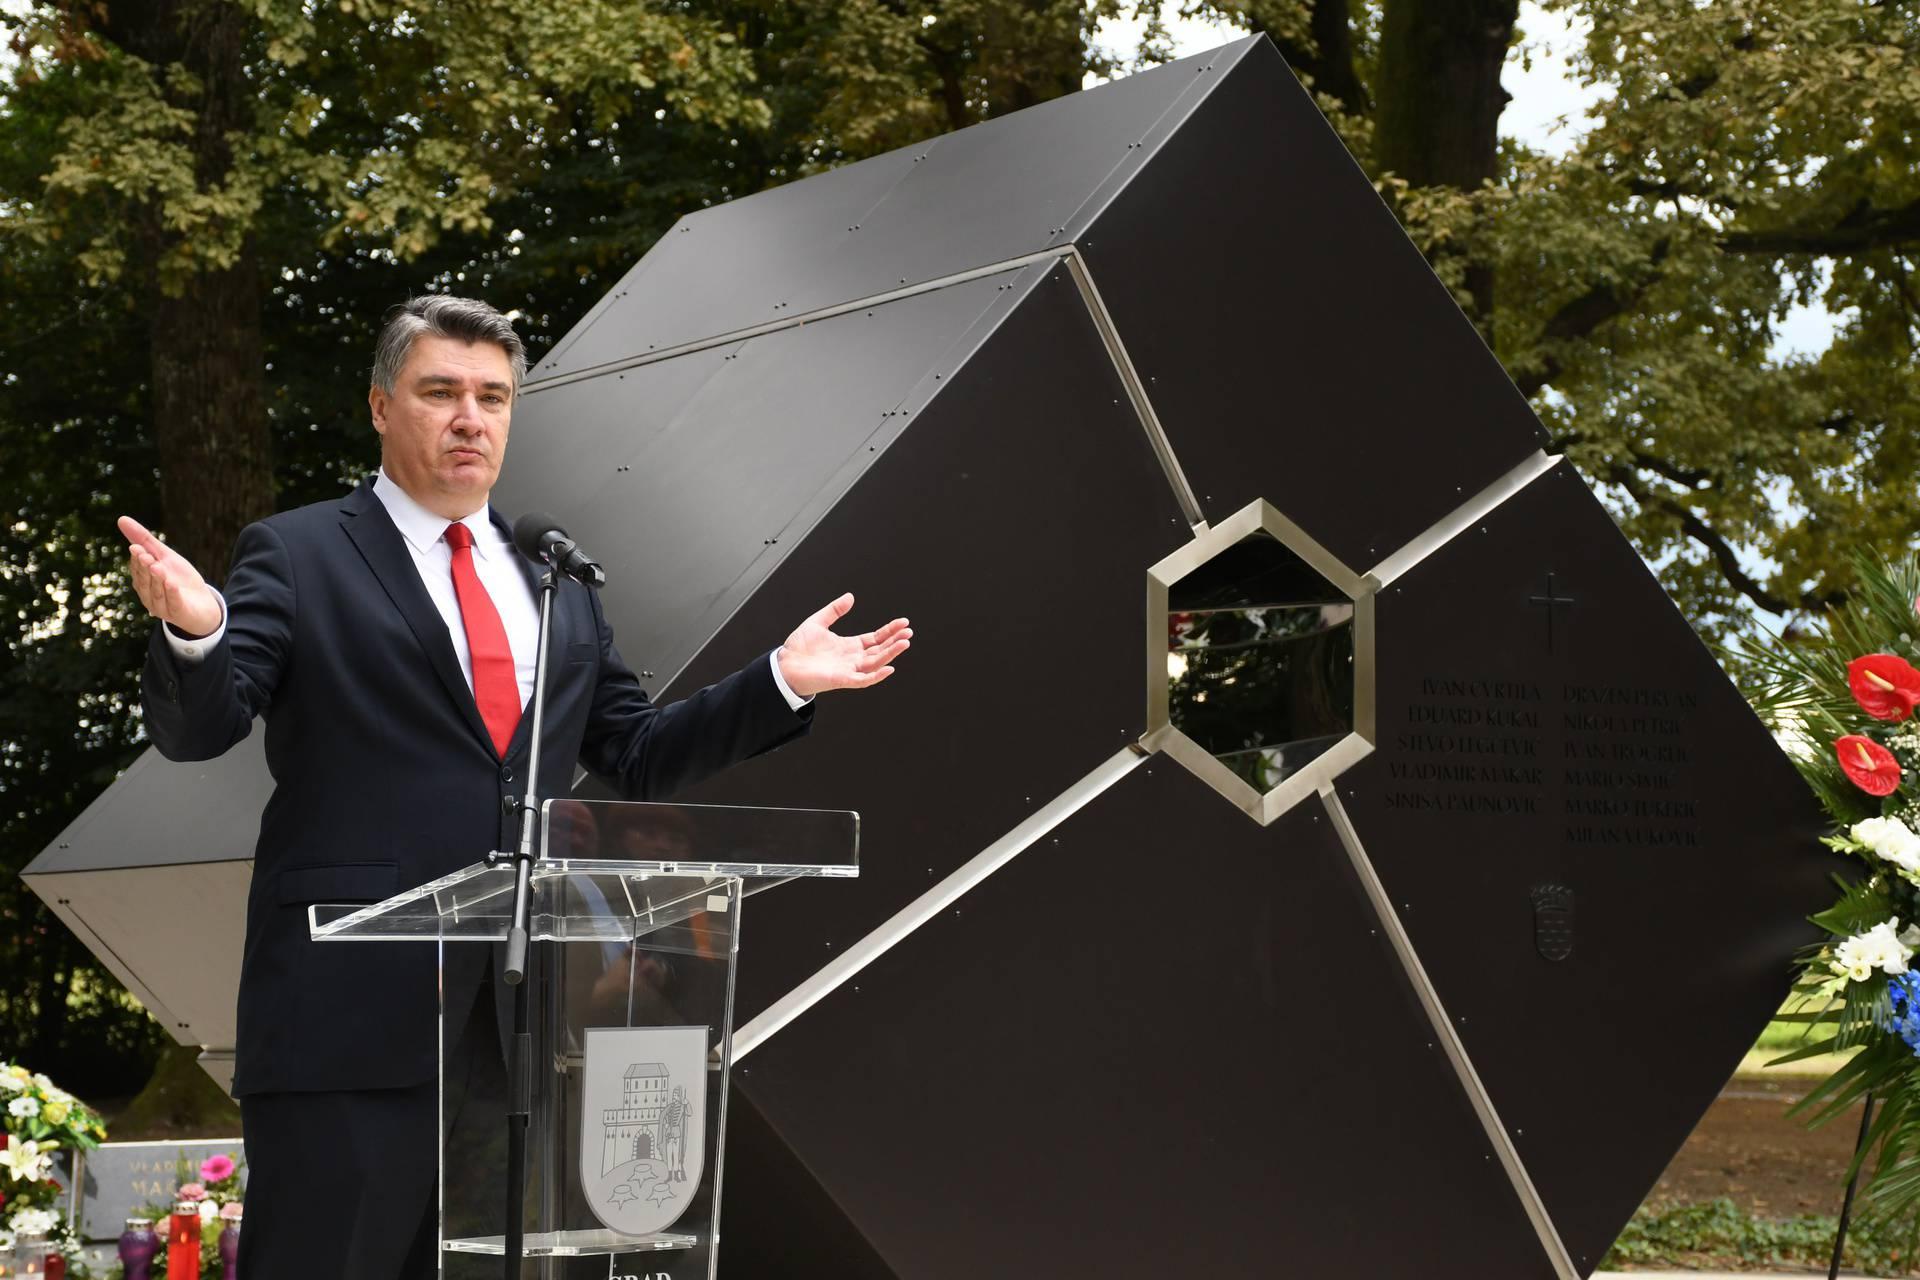 Predsjednik Milanović položio vijenac na Barutani, te sudjelovao na svečanoj sjednici Grada Bjelovara